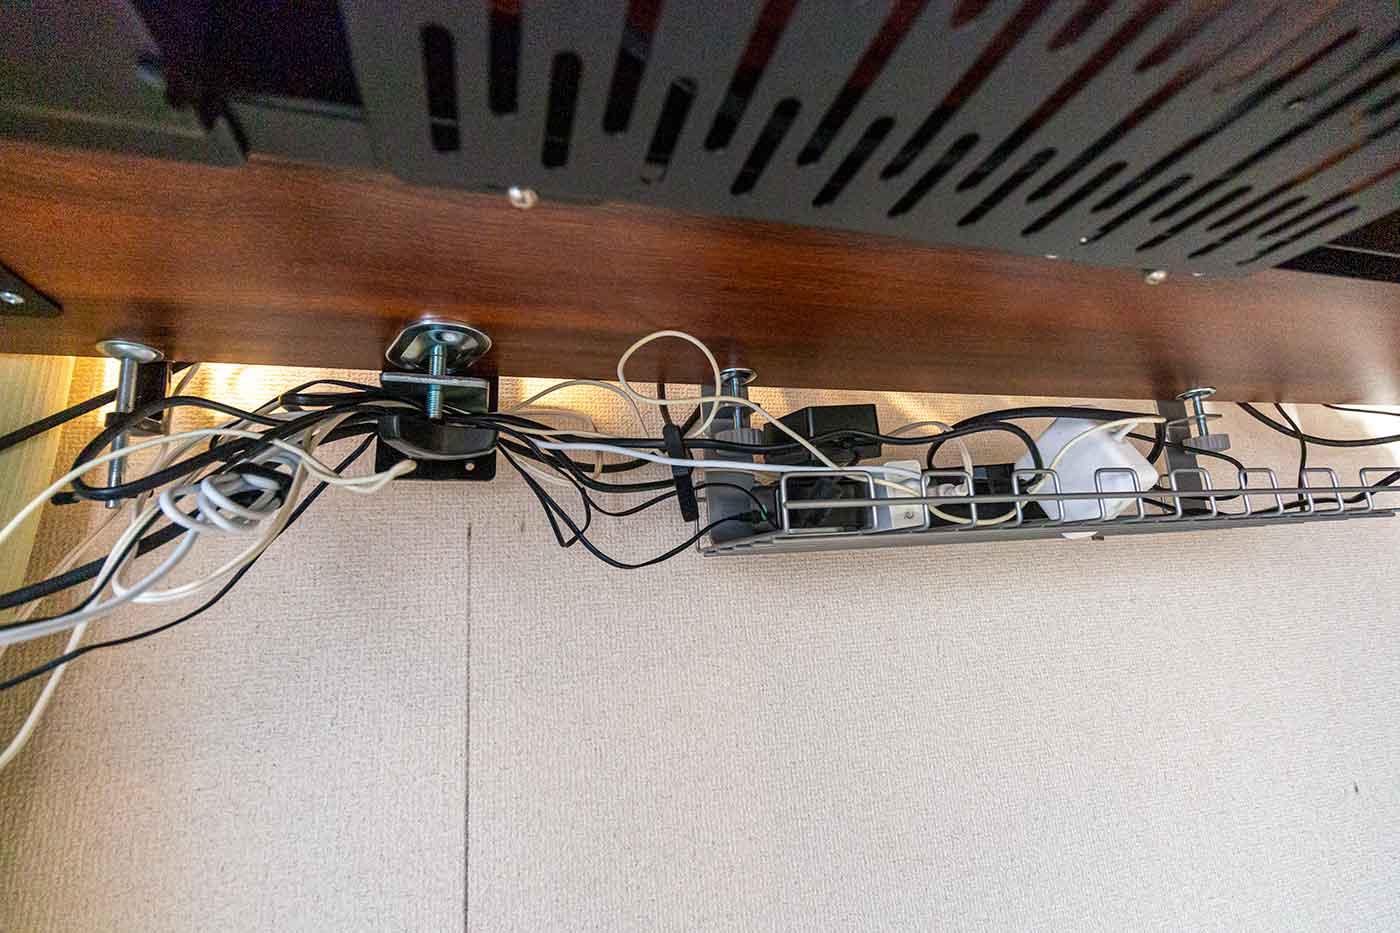 ケーブルトレーでデスク配線を整理